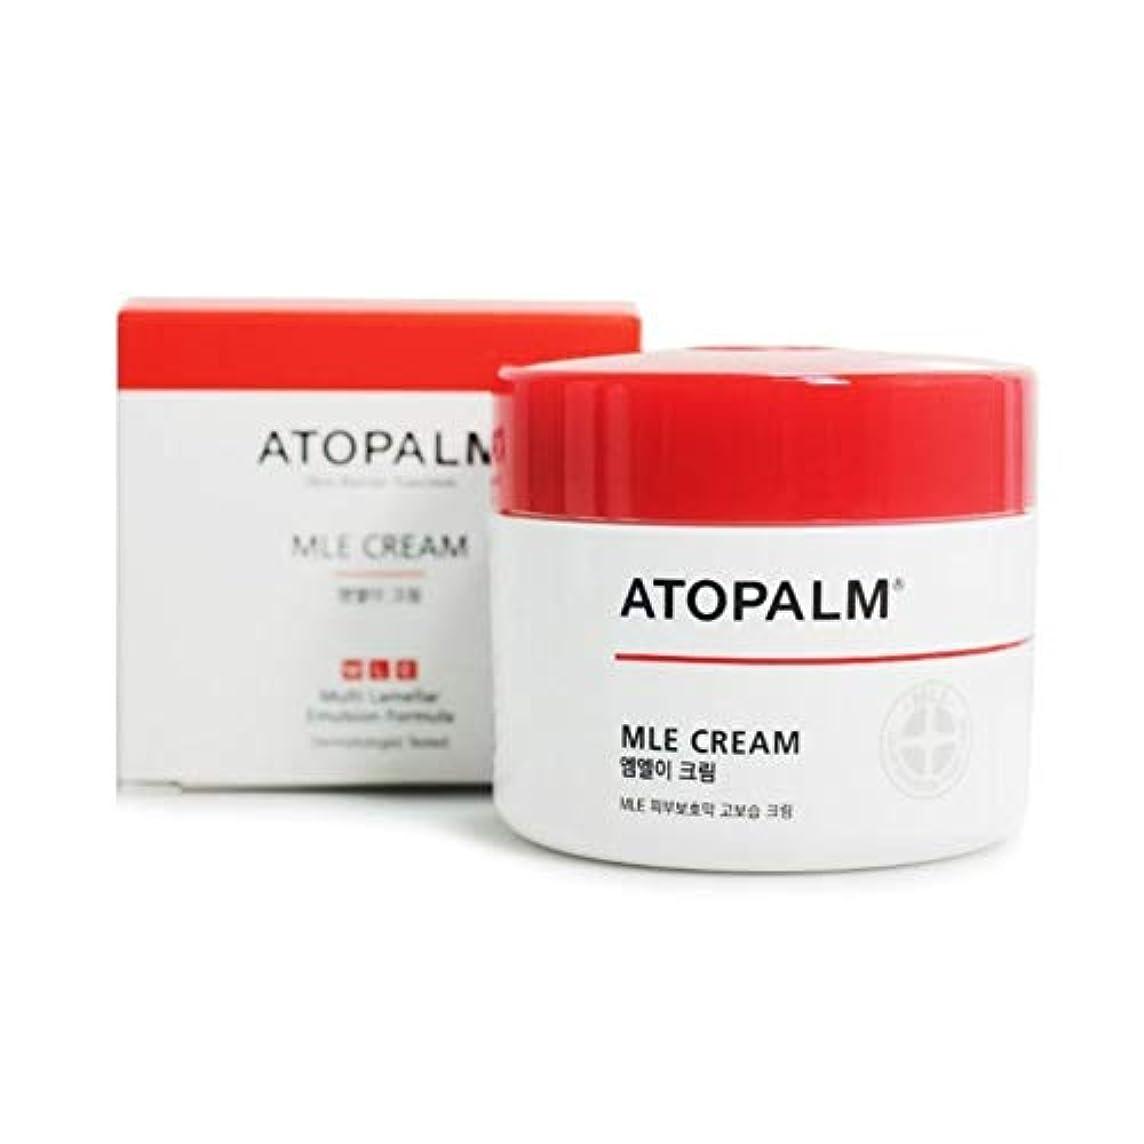 パトロンボット普及アトパムMLEクリーム160mlベビークリーム韓国コスメ、Atopalm MLE Cream 160ml Baby Cream Korean Cosmetics [並行輸入品]